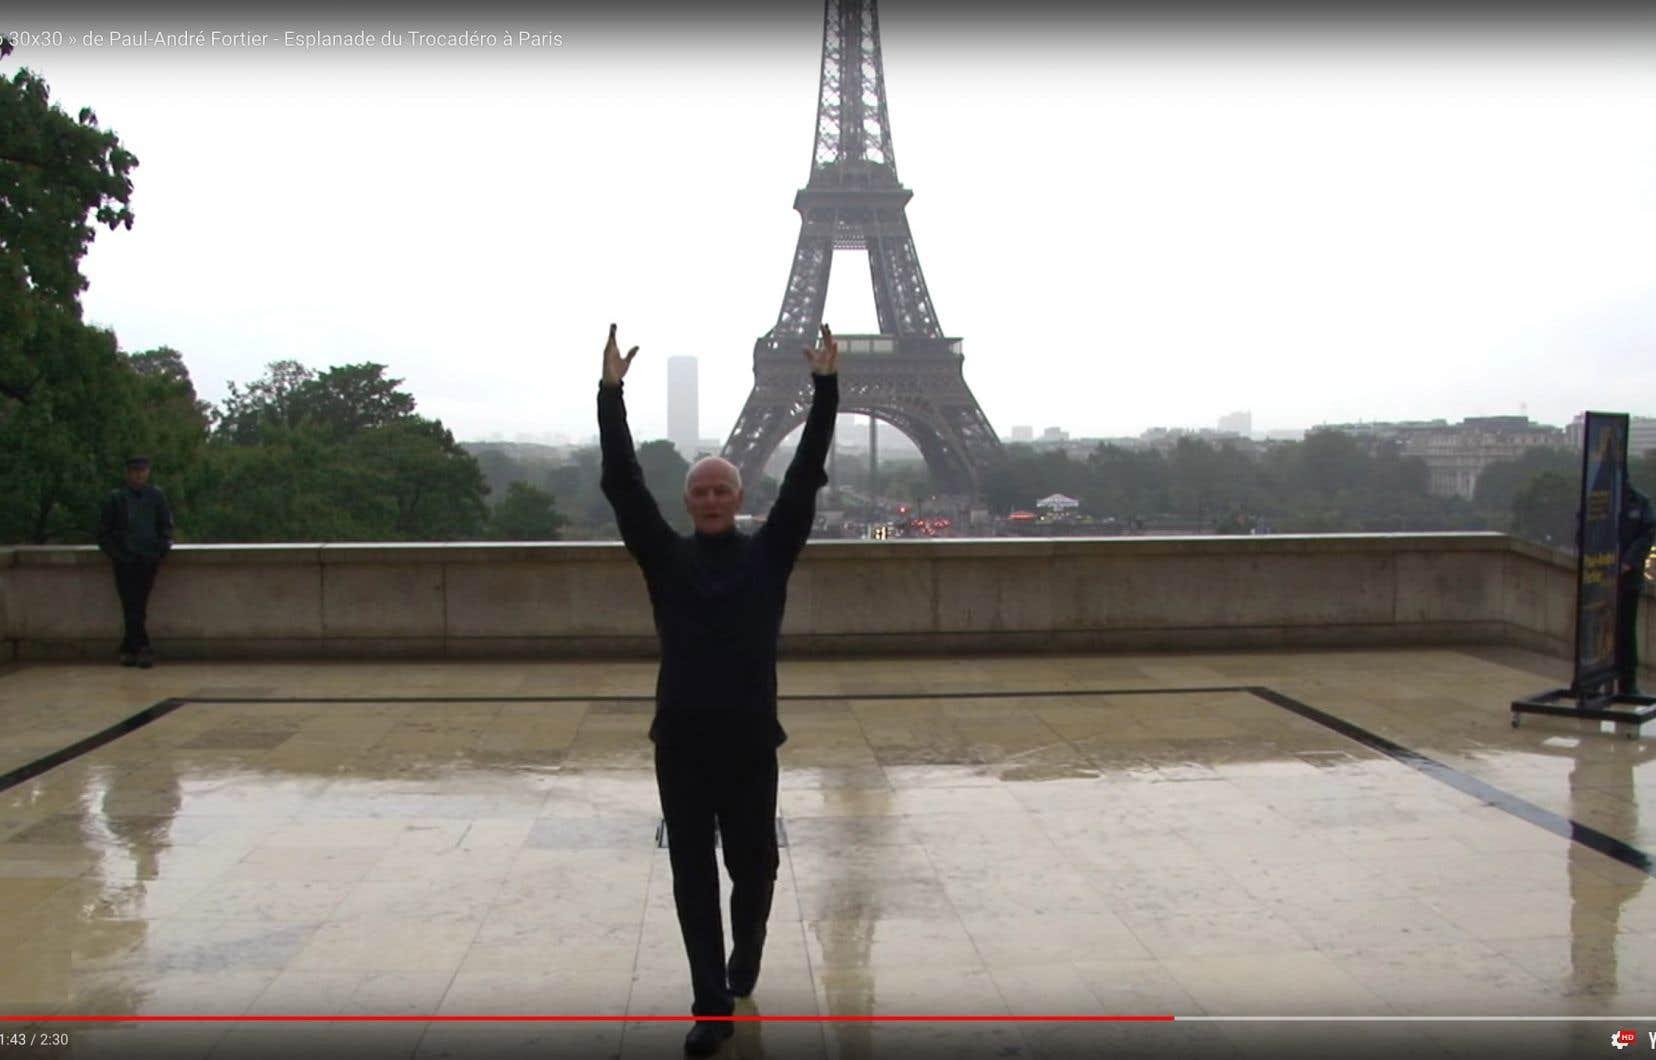 Capture d'écran d'une vidéo du projet «Solo 30x30», sur l'esplanade du Trocadéro à Paris